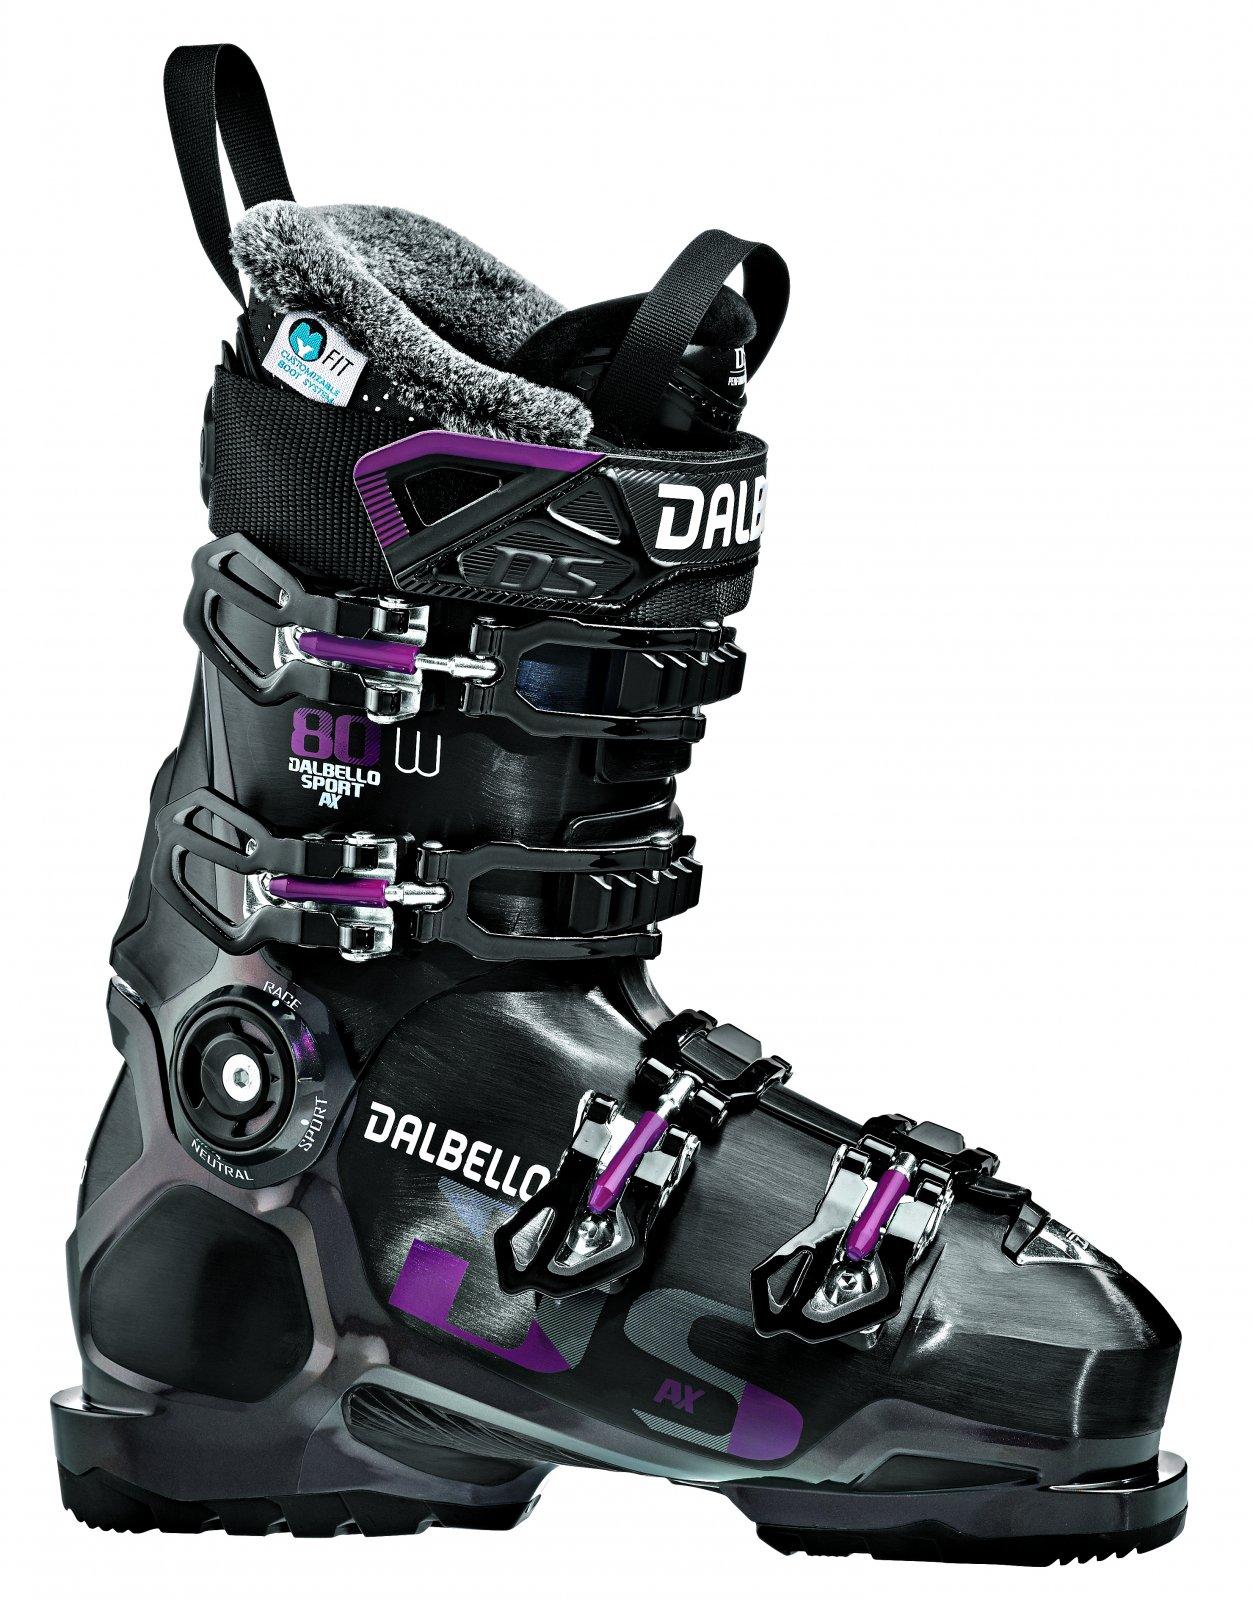 Dalbello DS AX 80 W Ski Boots 2020 - size 24.5